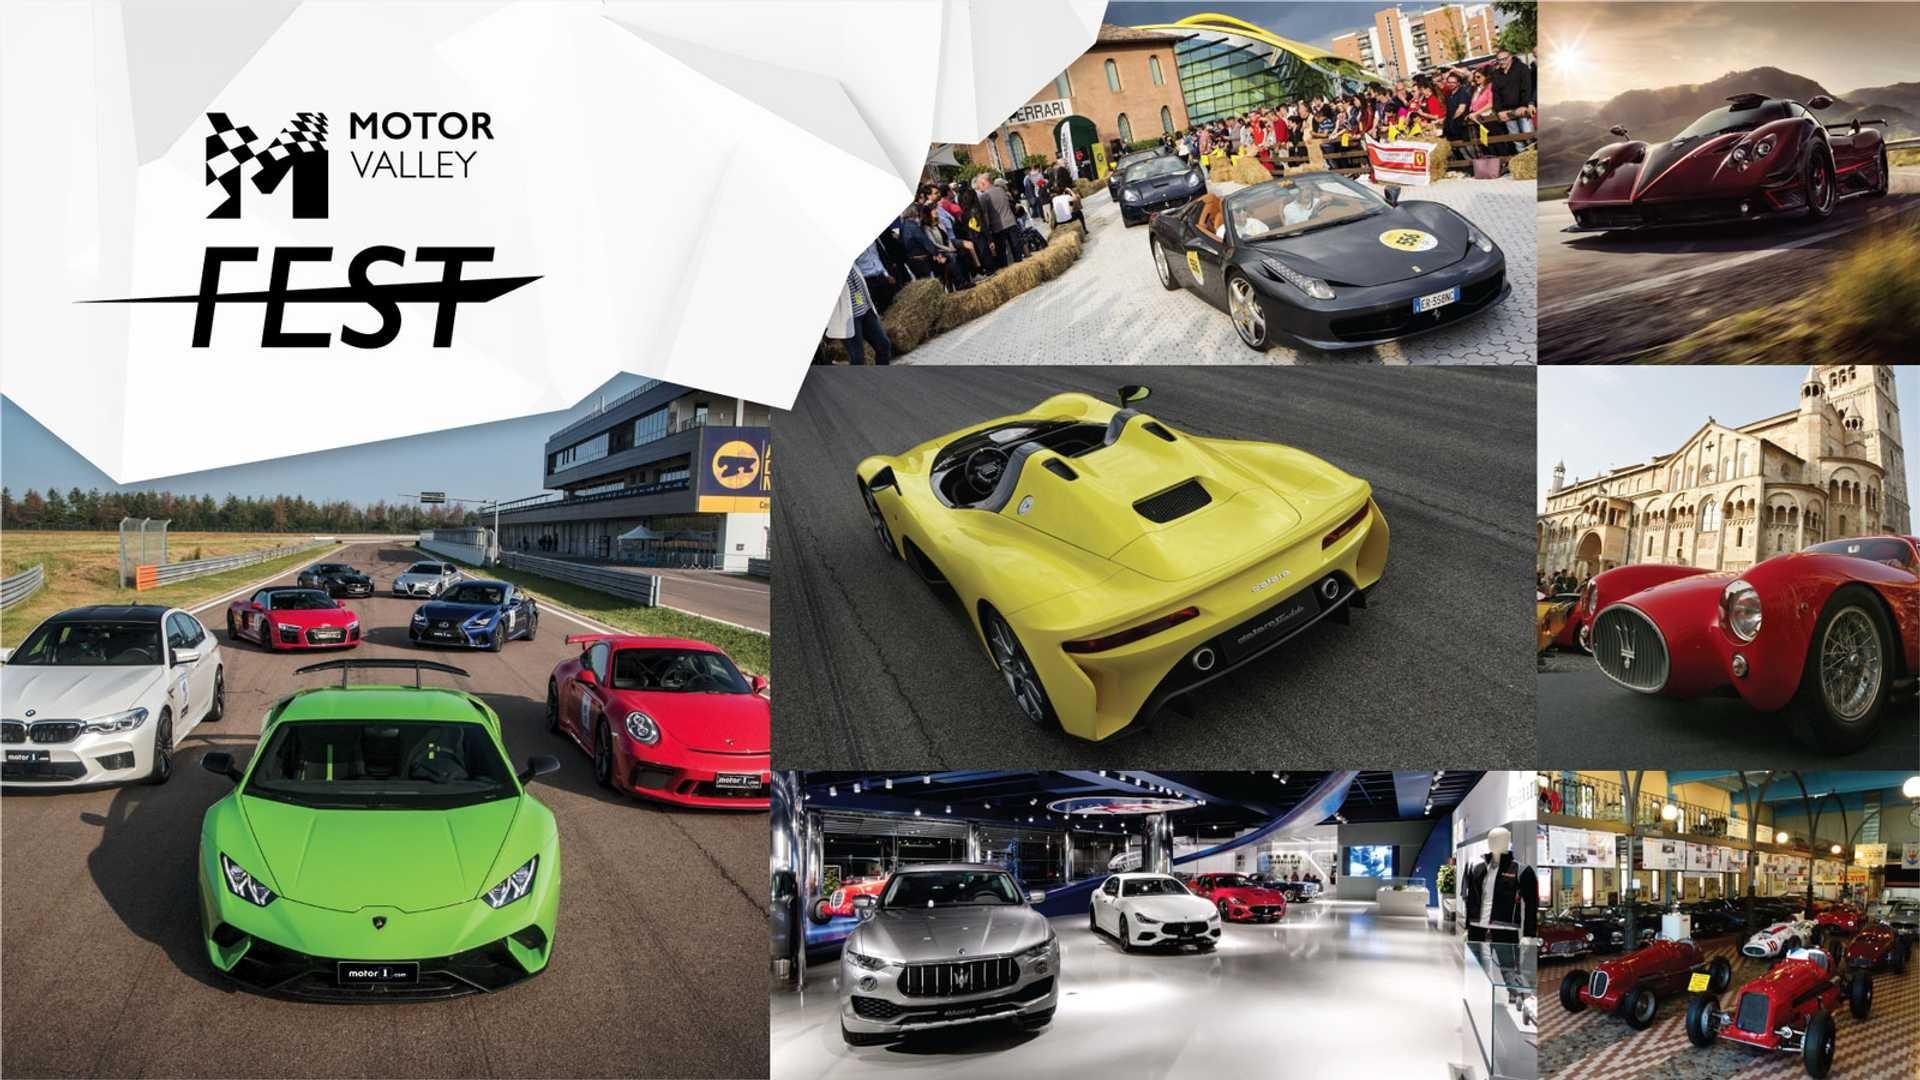 В прошлом году автомобильный фестиваль Motor Valley проходил в цифровом формате из-за пандемии. В 2021-м все будет по-другому: все мероприятия можно посетить очно и в онлайн-формате. Заметим, что это первое крупное автомобильное шоу в Европе, которое состоится «вживую» в 2021 году.